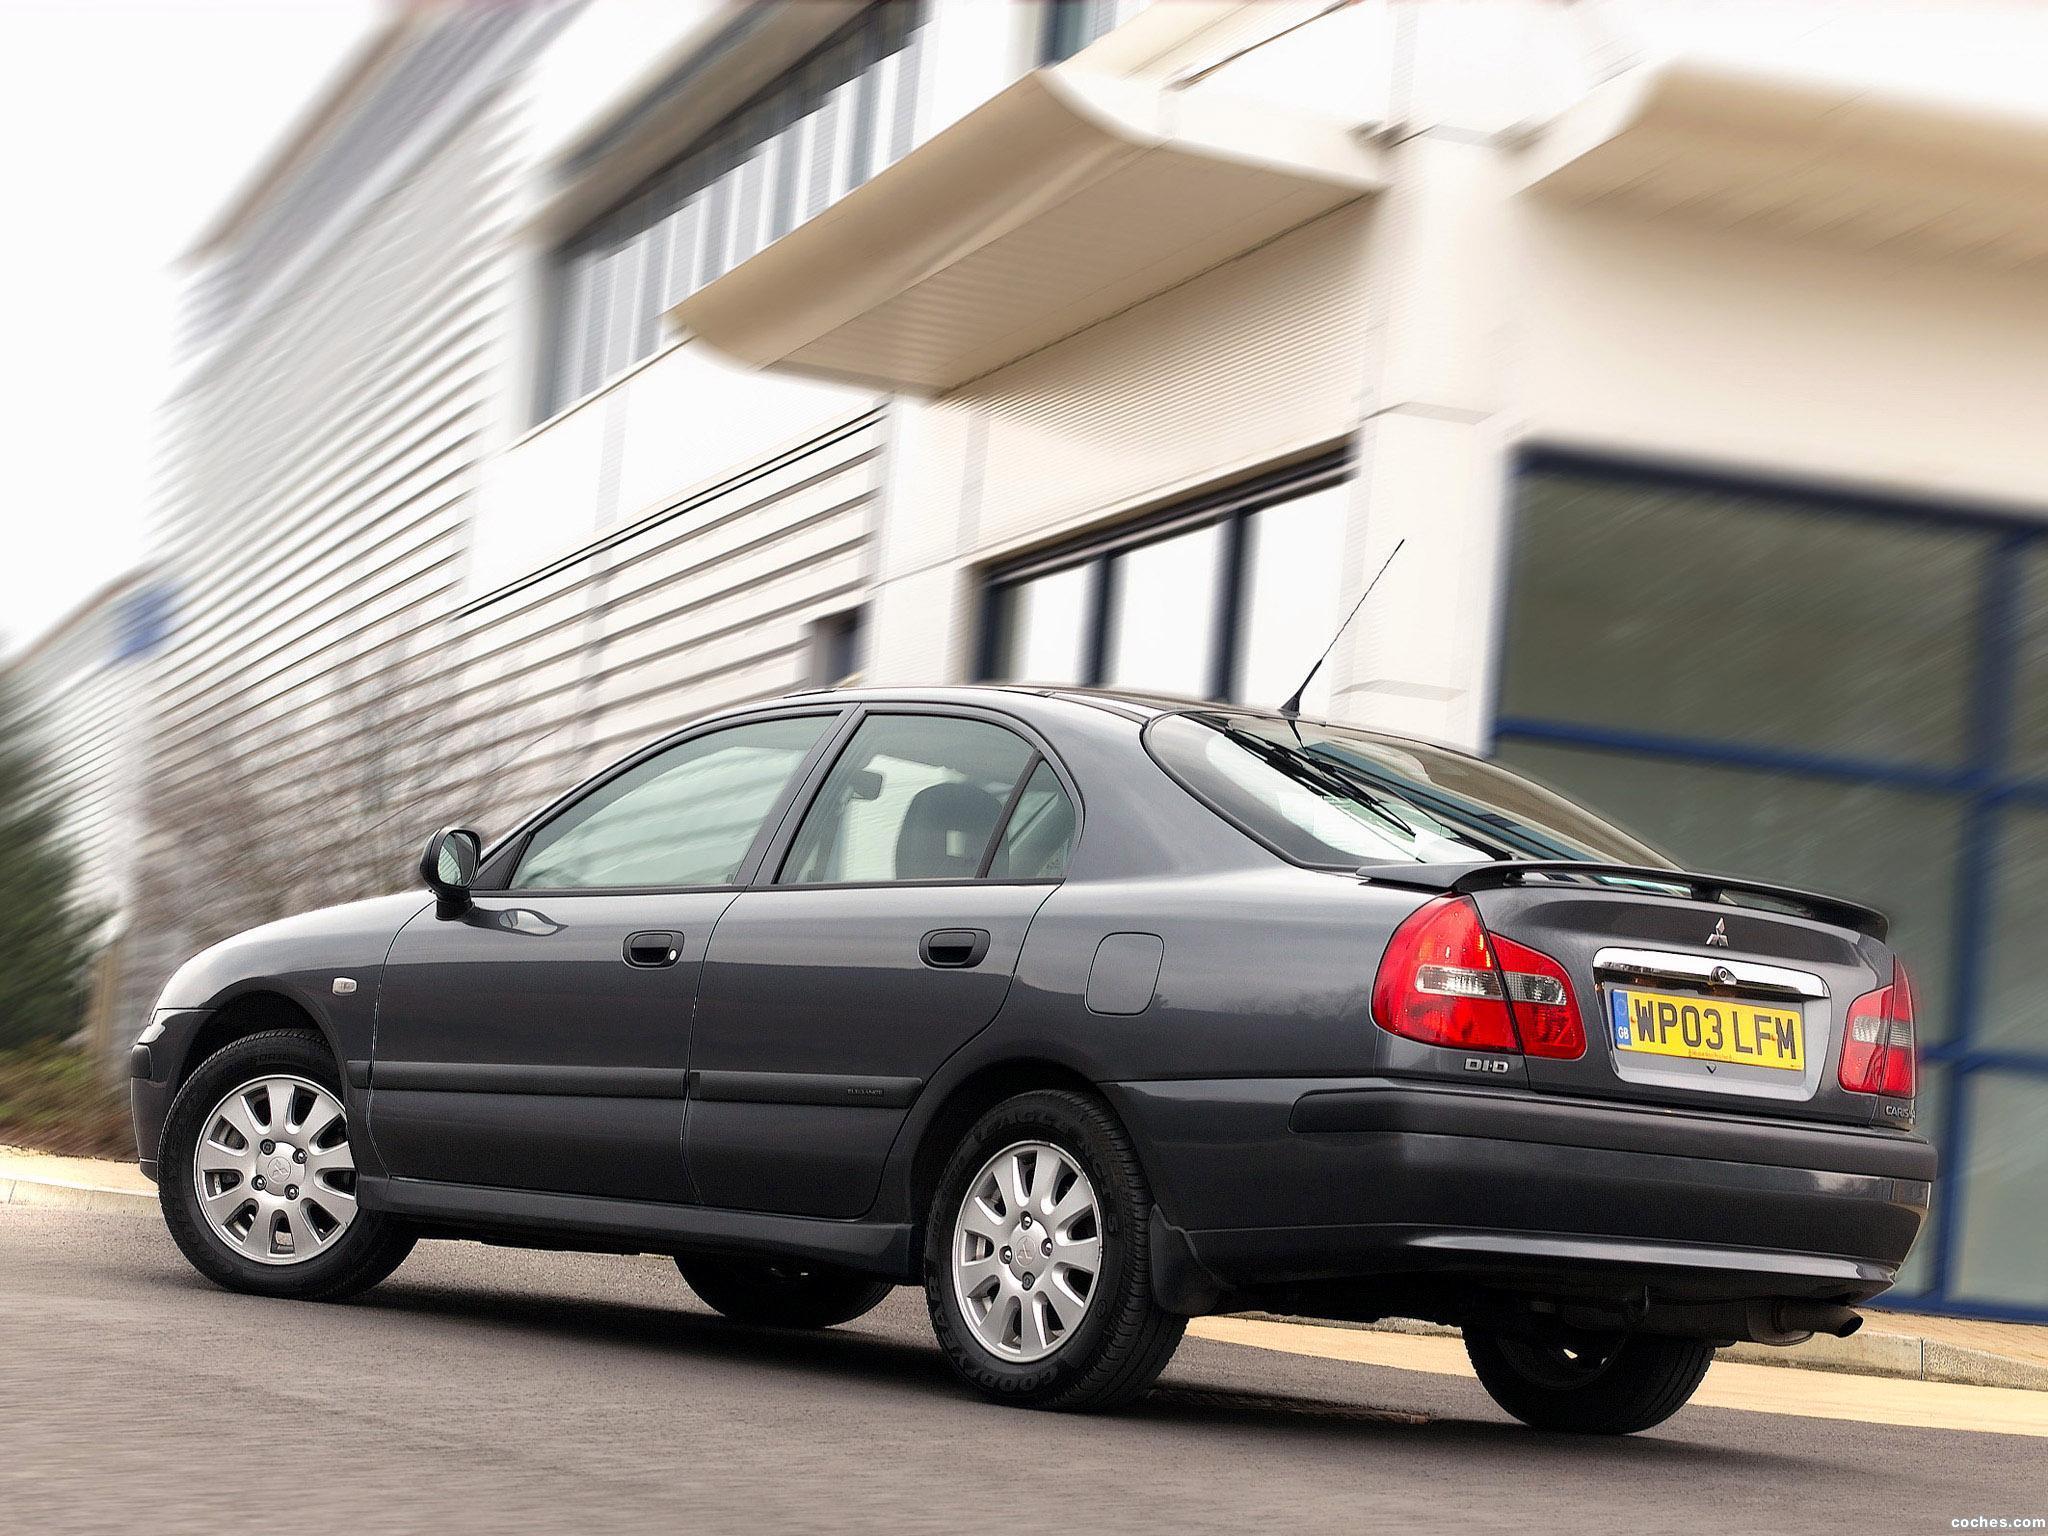 Foto 1 de Mitsubishi Carisma 5 puertas UK 2000